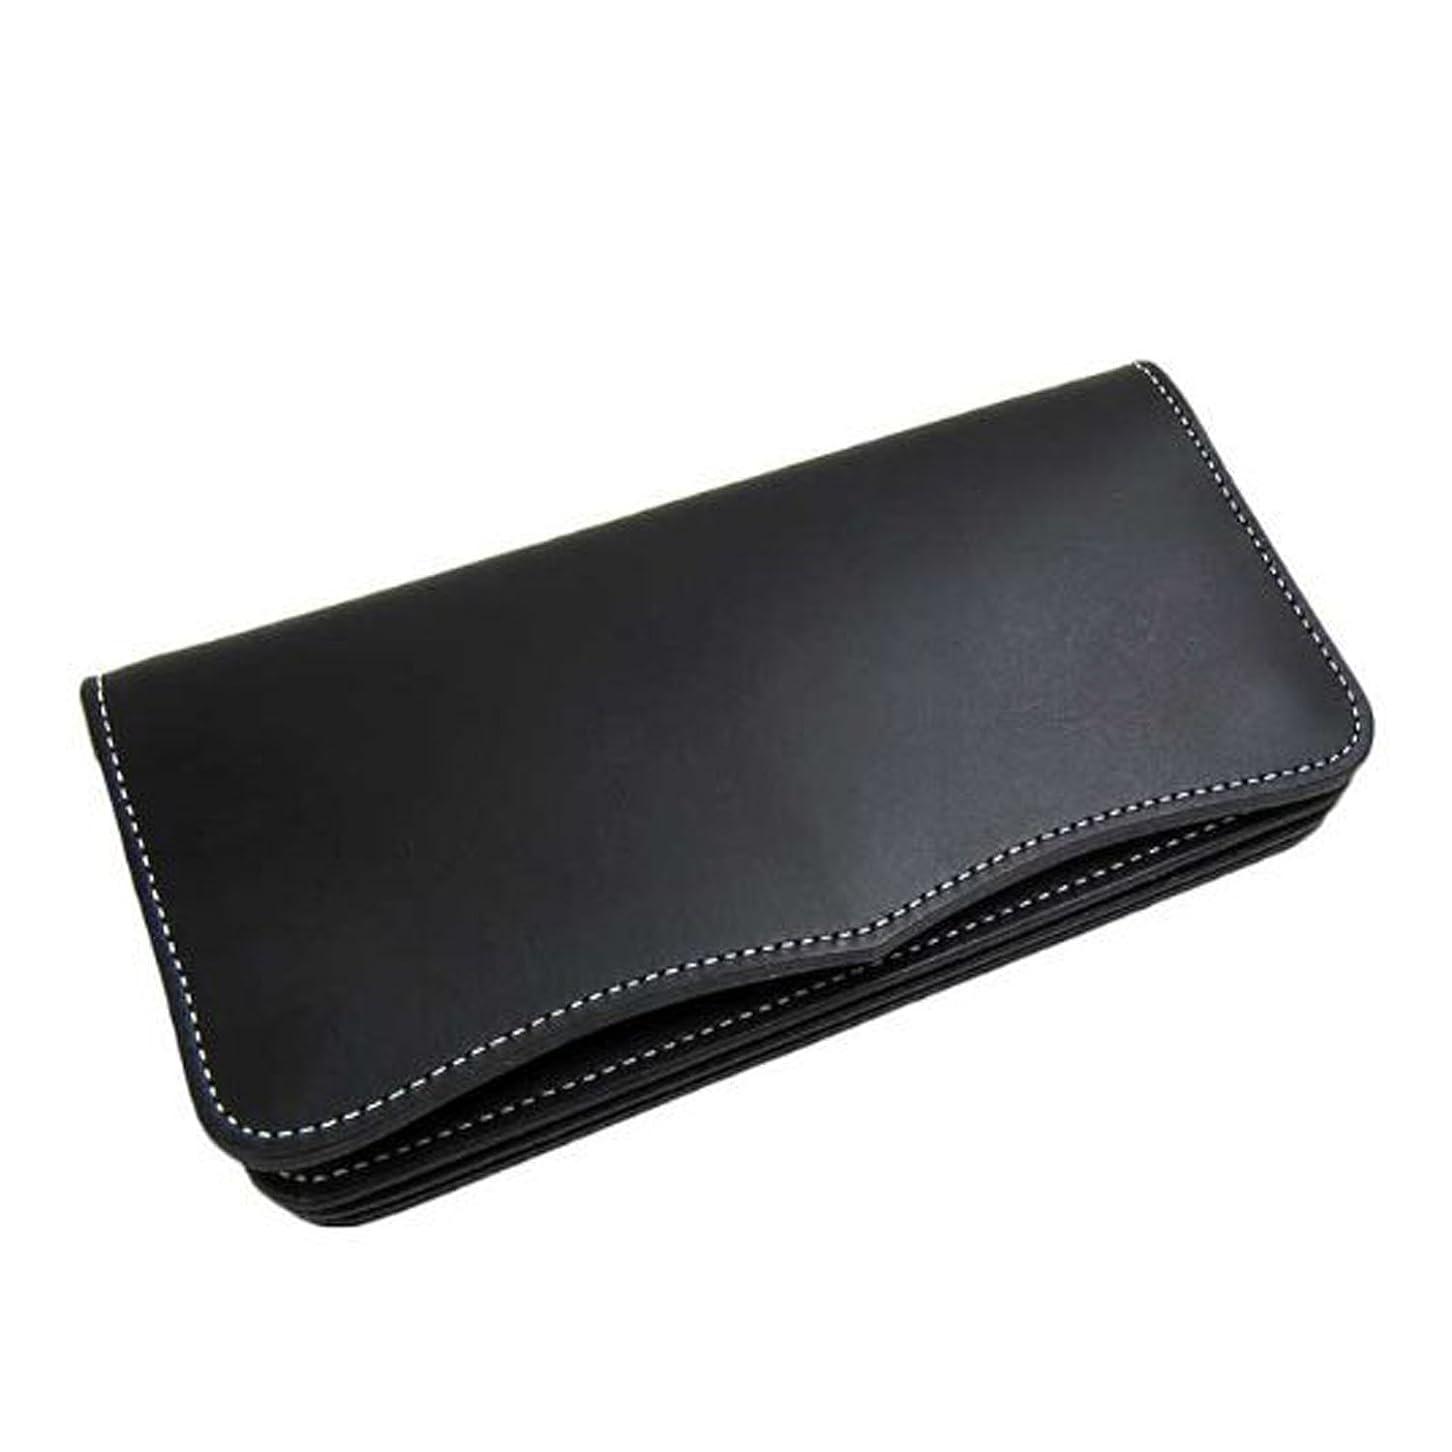 するプレミアム上級[Maturi マトゥーリ] 日本製 かっこいい長財布 (ヌメ革 MR-026) (ブラック)